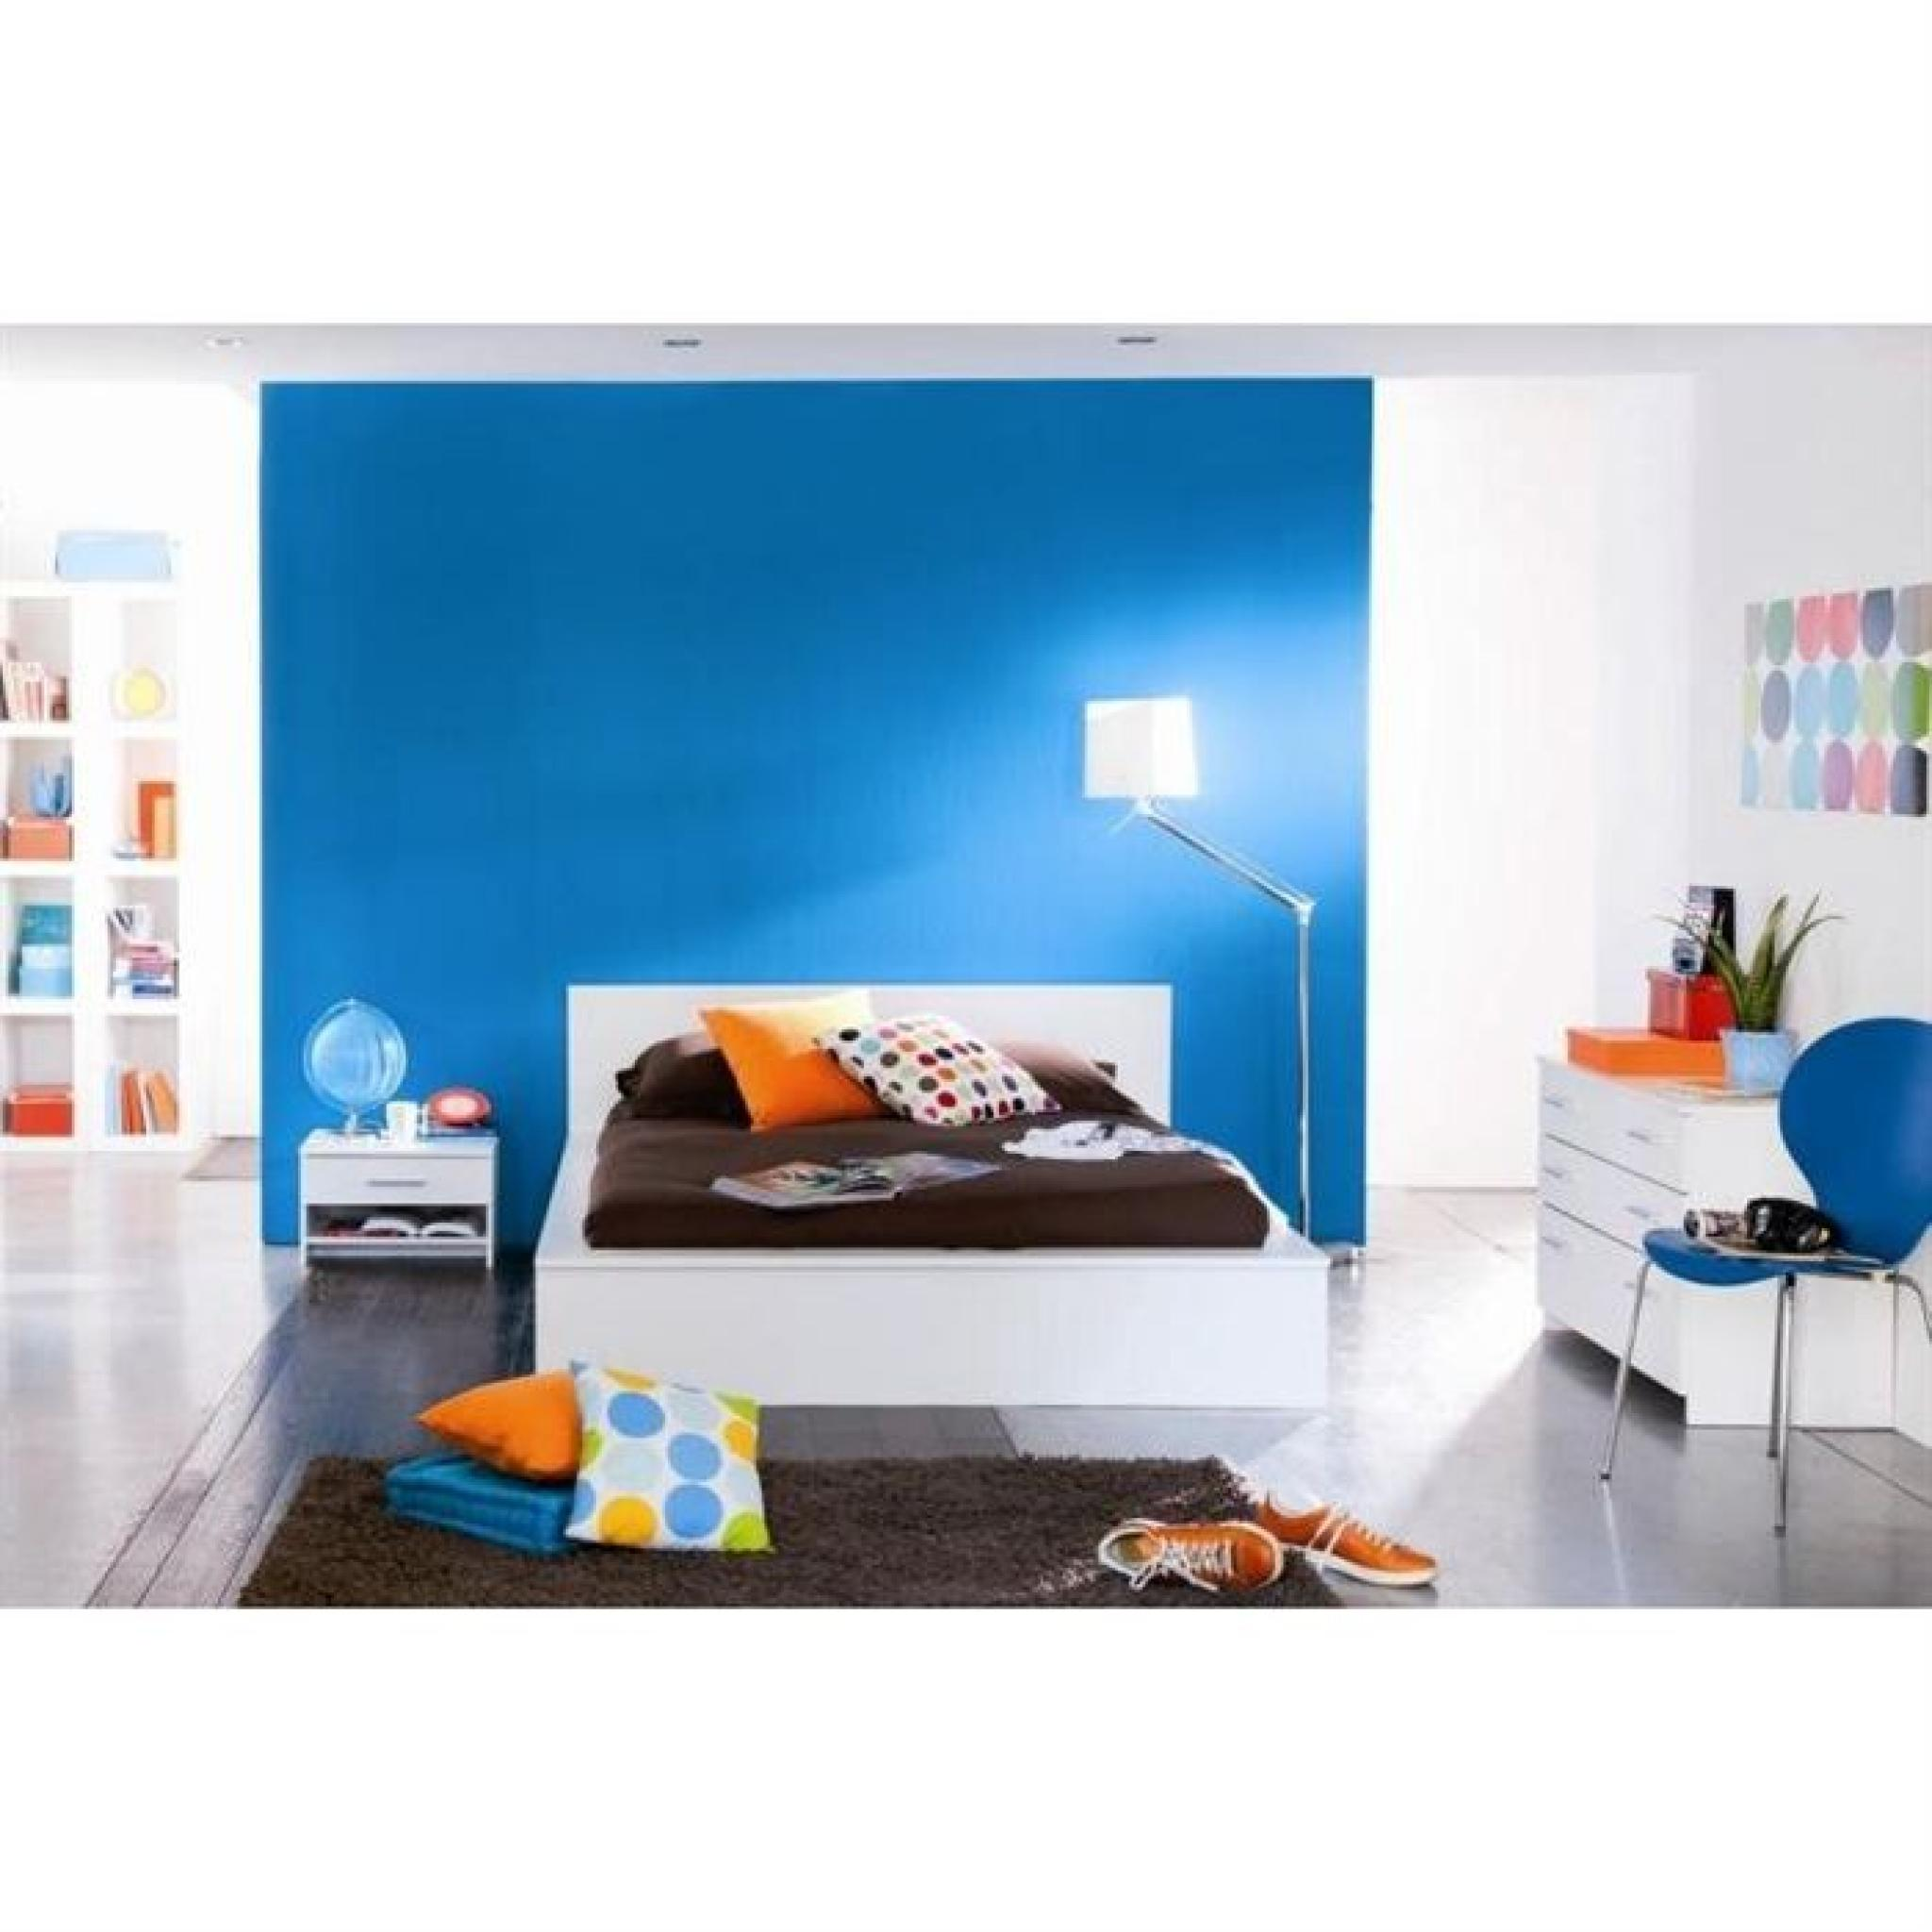 couleur et design fr